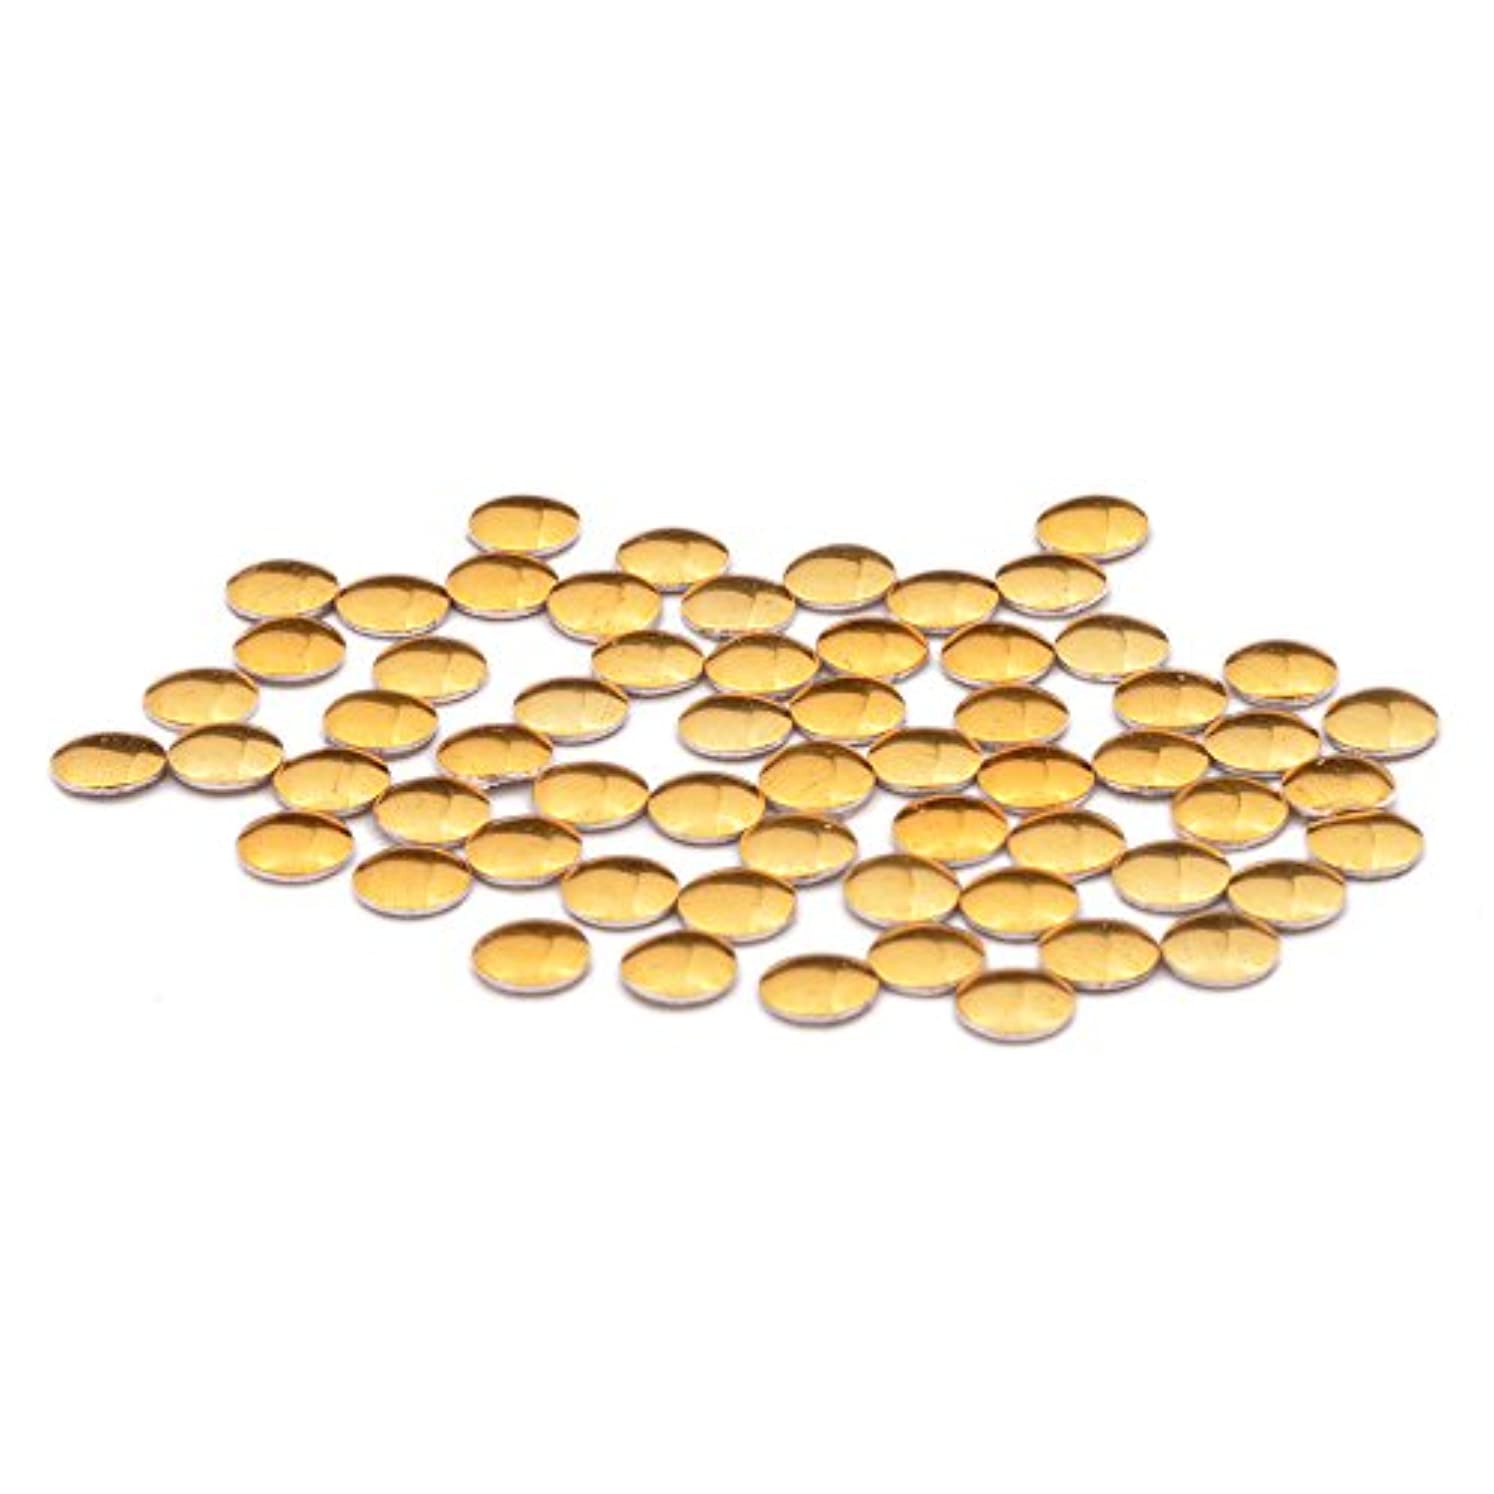 ラウンド メタルスタッズ 丸型(0.8mm/1mm/1.2mm/1.5mm/2mm/2.5mm/3mm)約50粒入り (0.8mm, ゴールド)